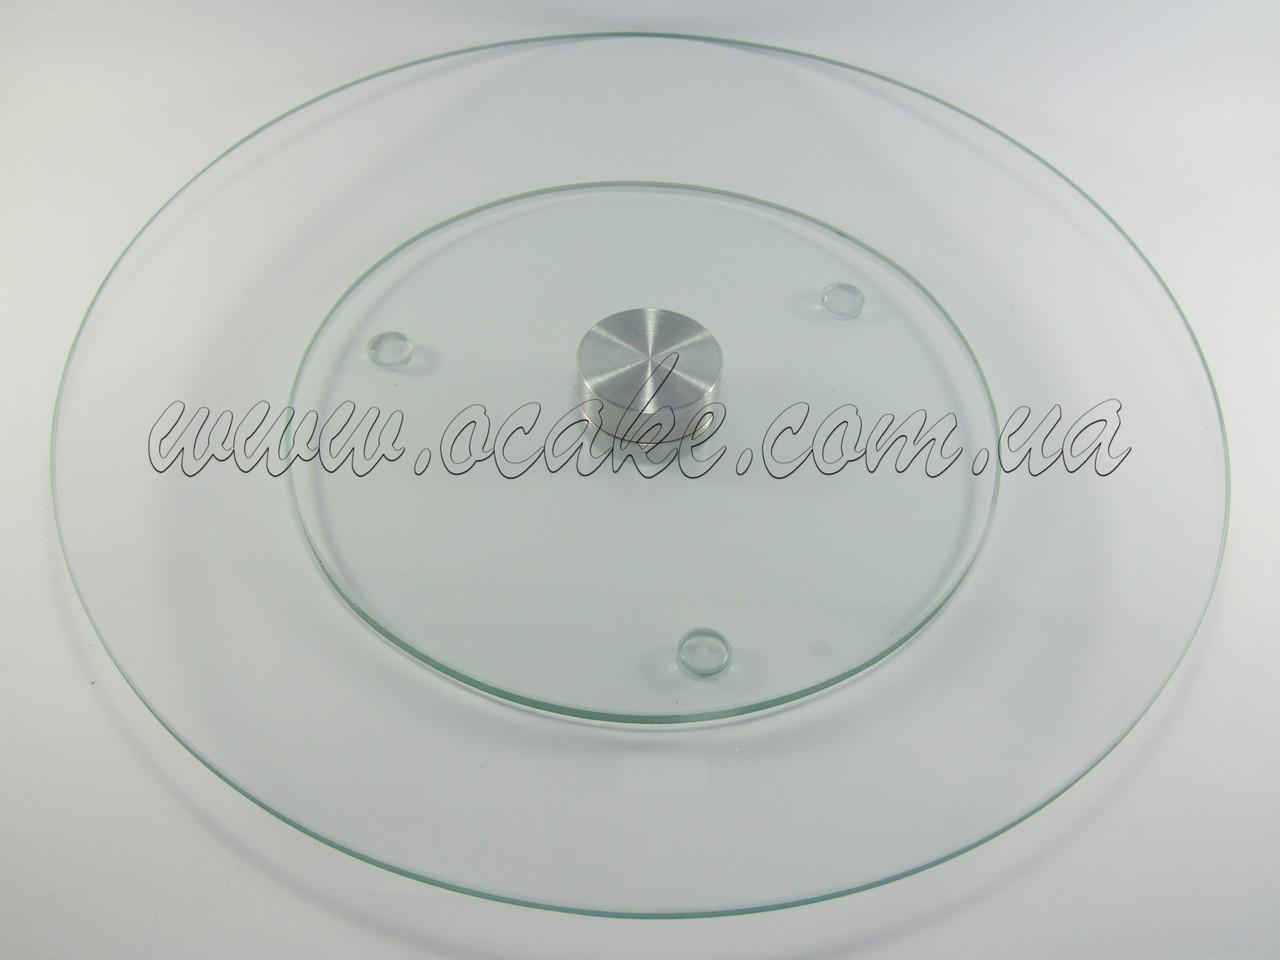 Стойка вращающаяся стеклянная, диаметр 30 см